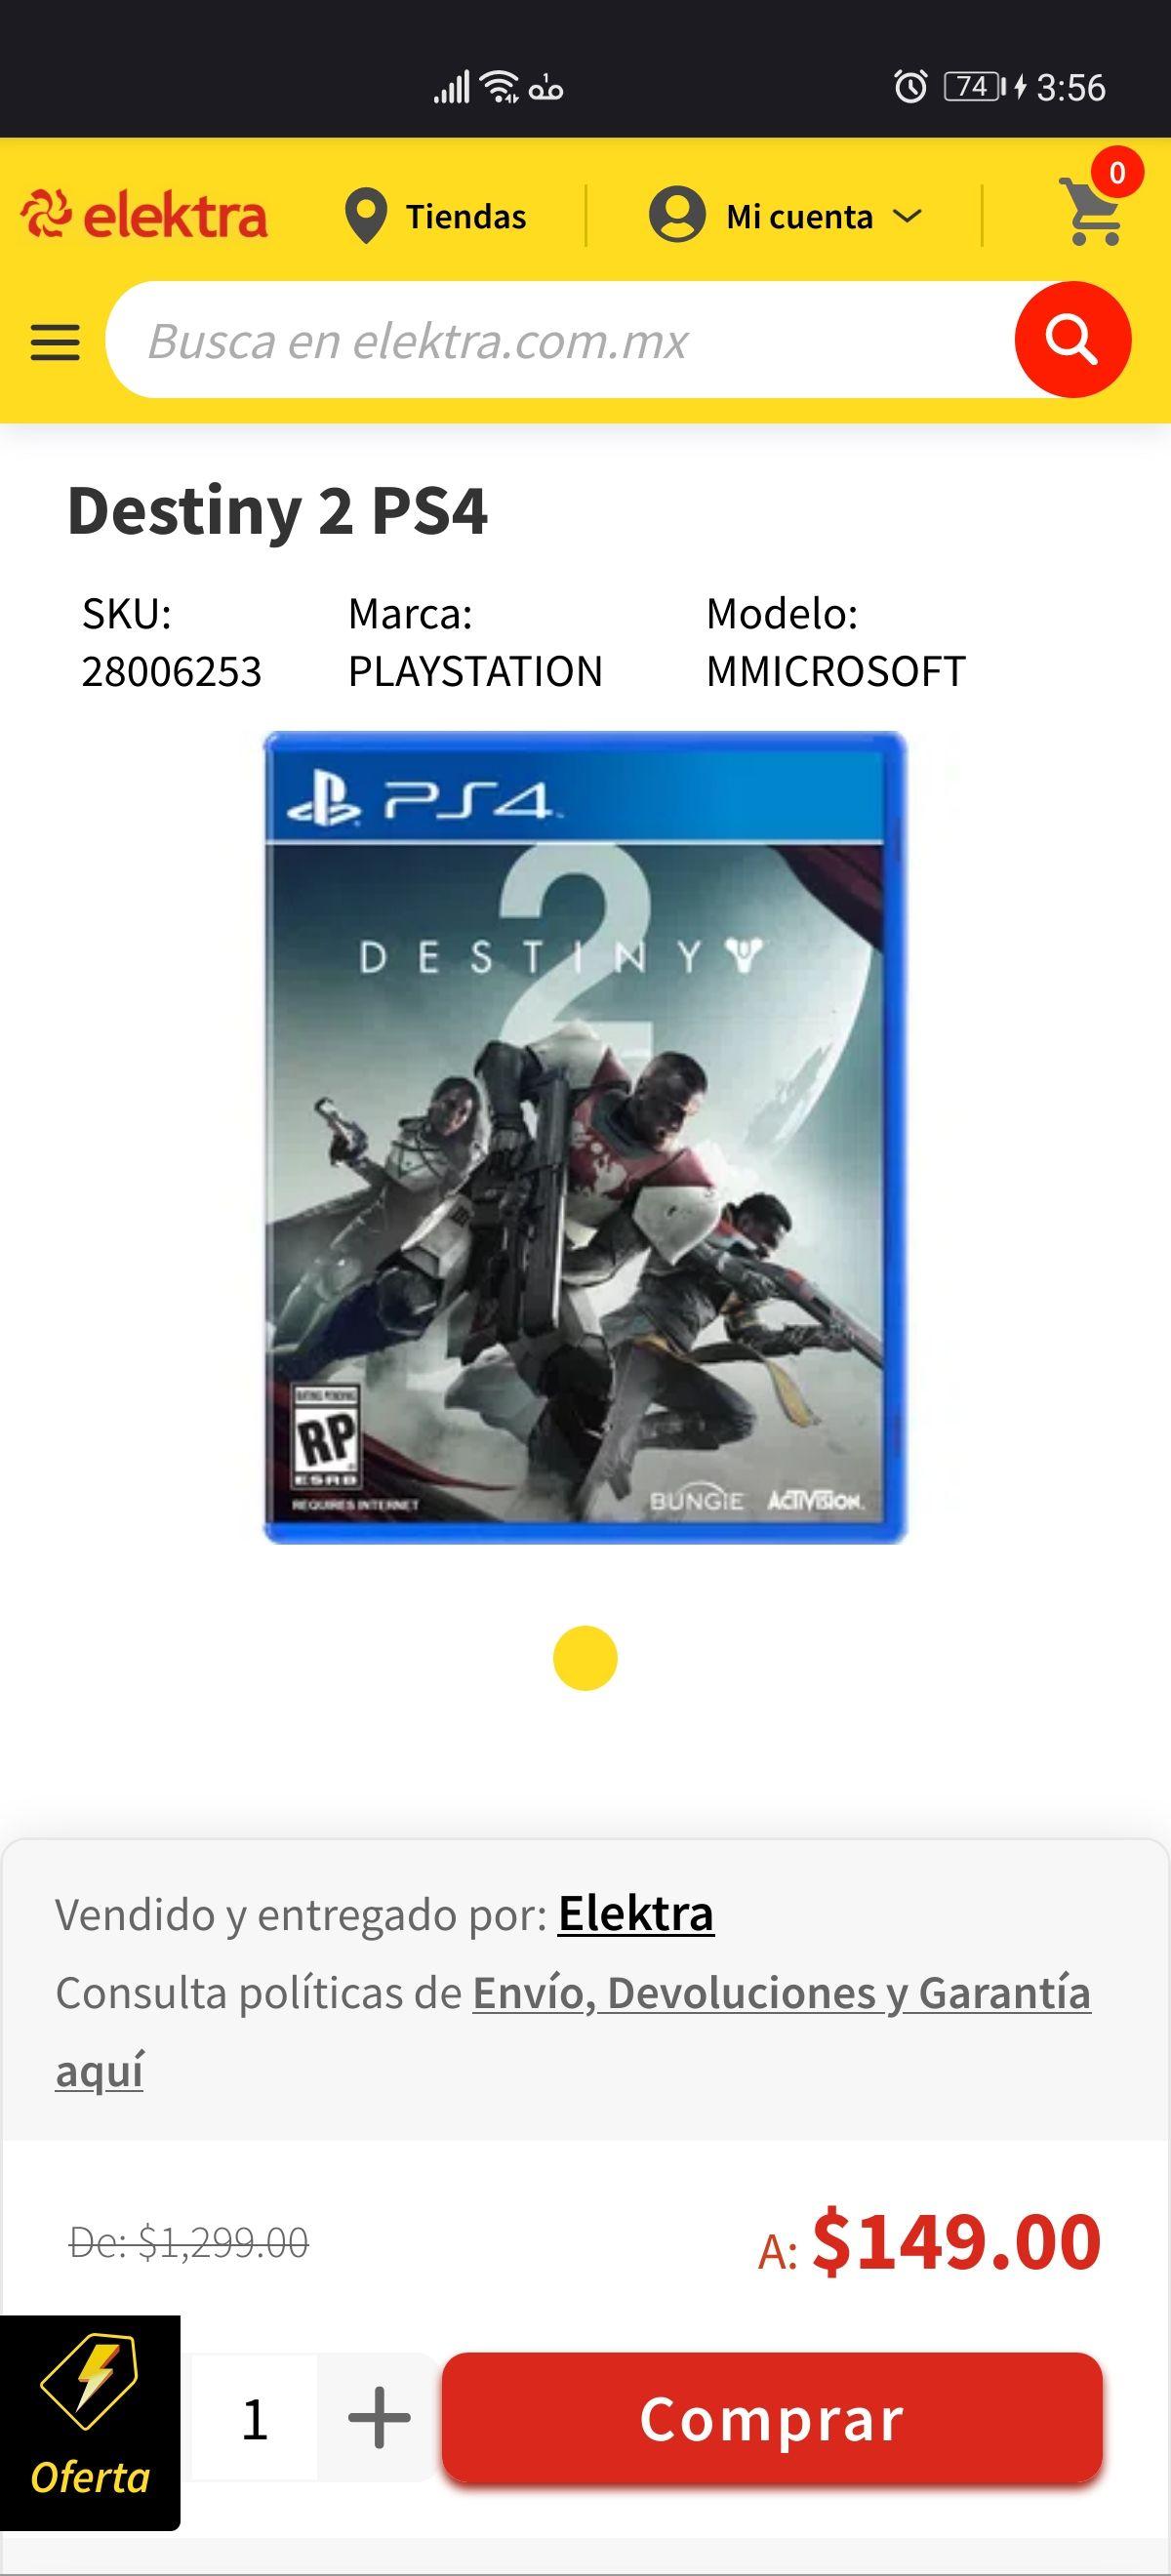 Elektra, Destiny 2 PS4